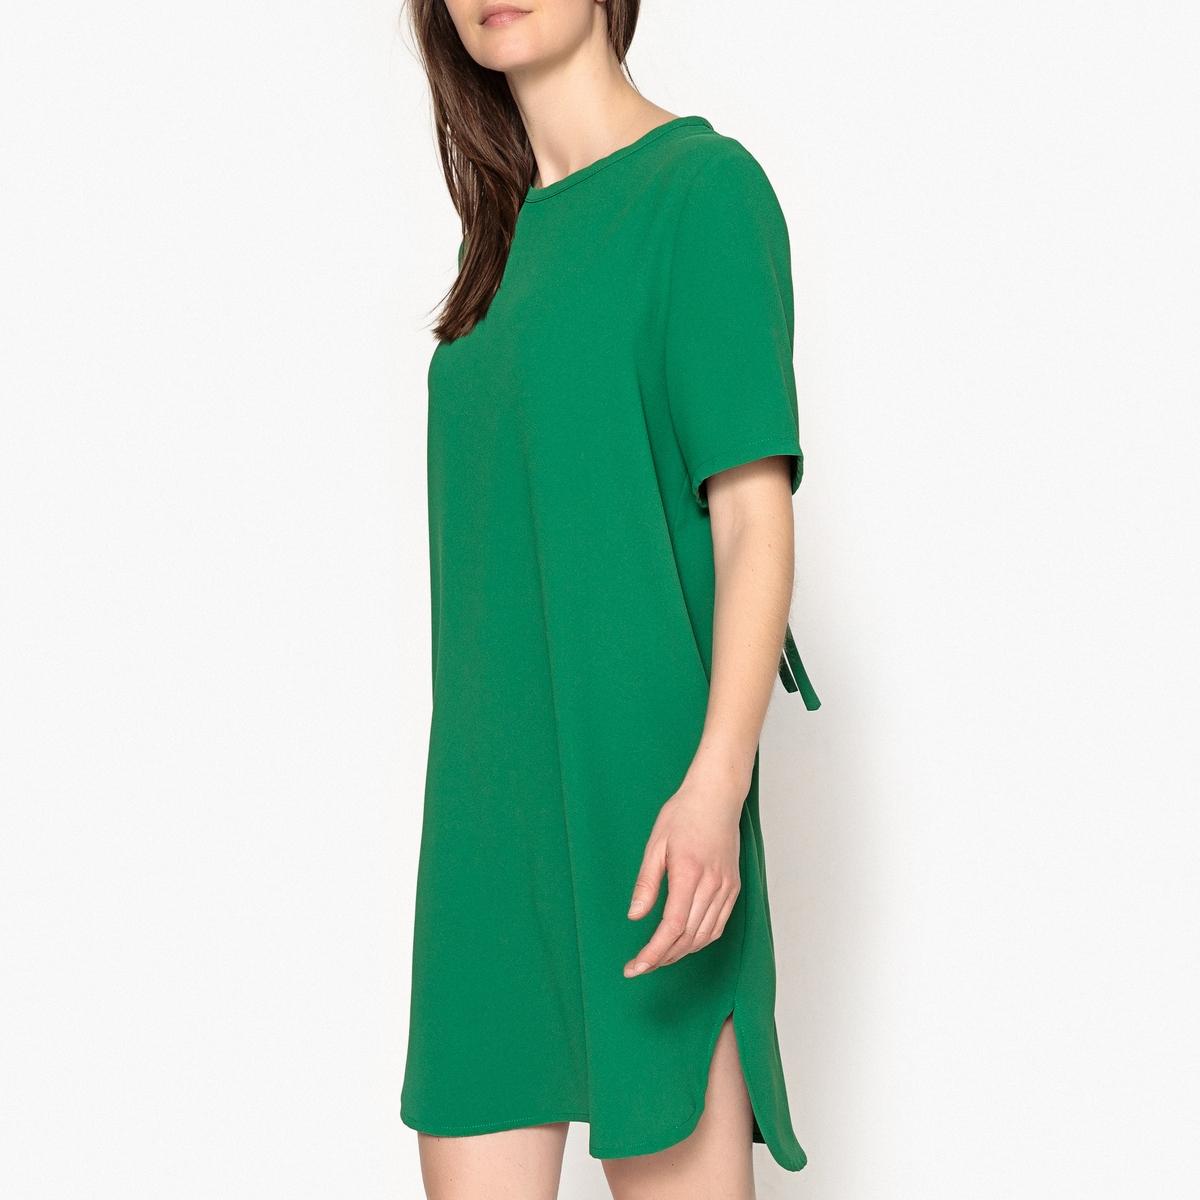 Платье с U-образным вырезом сзади с короткими рукавами FAEVAОписание:Платье  с короткими рукавами TOUPY - модель FAEVA .  U-образный вырез сзади с завязками . Закругленный низ, разрезы по бокам. Струящаяся ткань .Детали •  Форма : расклешенная •  Длина до колен •  Короткие рукава    •  Круглый вырезСостав и уход •  100% полиэстер •  Следуйте советам по уходу, указанным на этикетке •  Длина : ок.91 см. для размера S<br><br>Цвет: зеленый